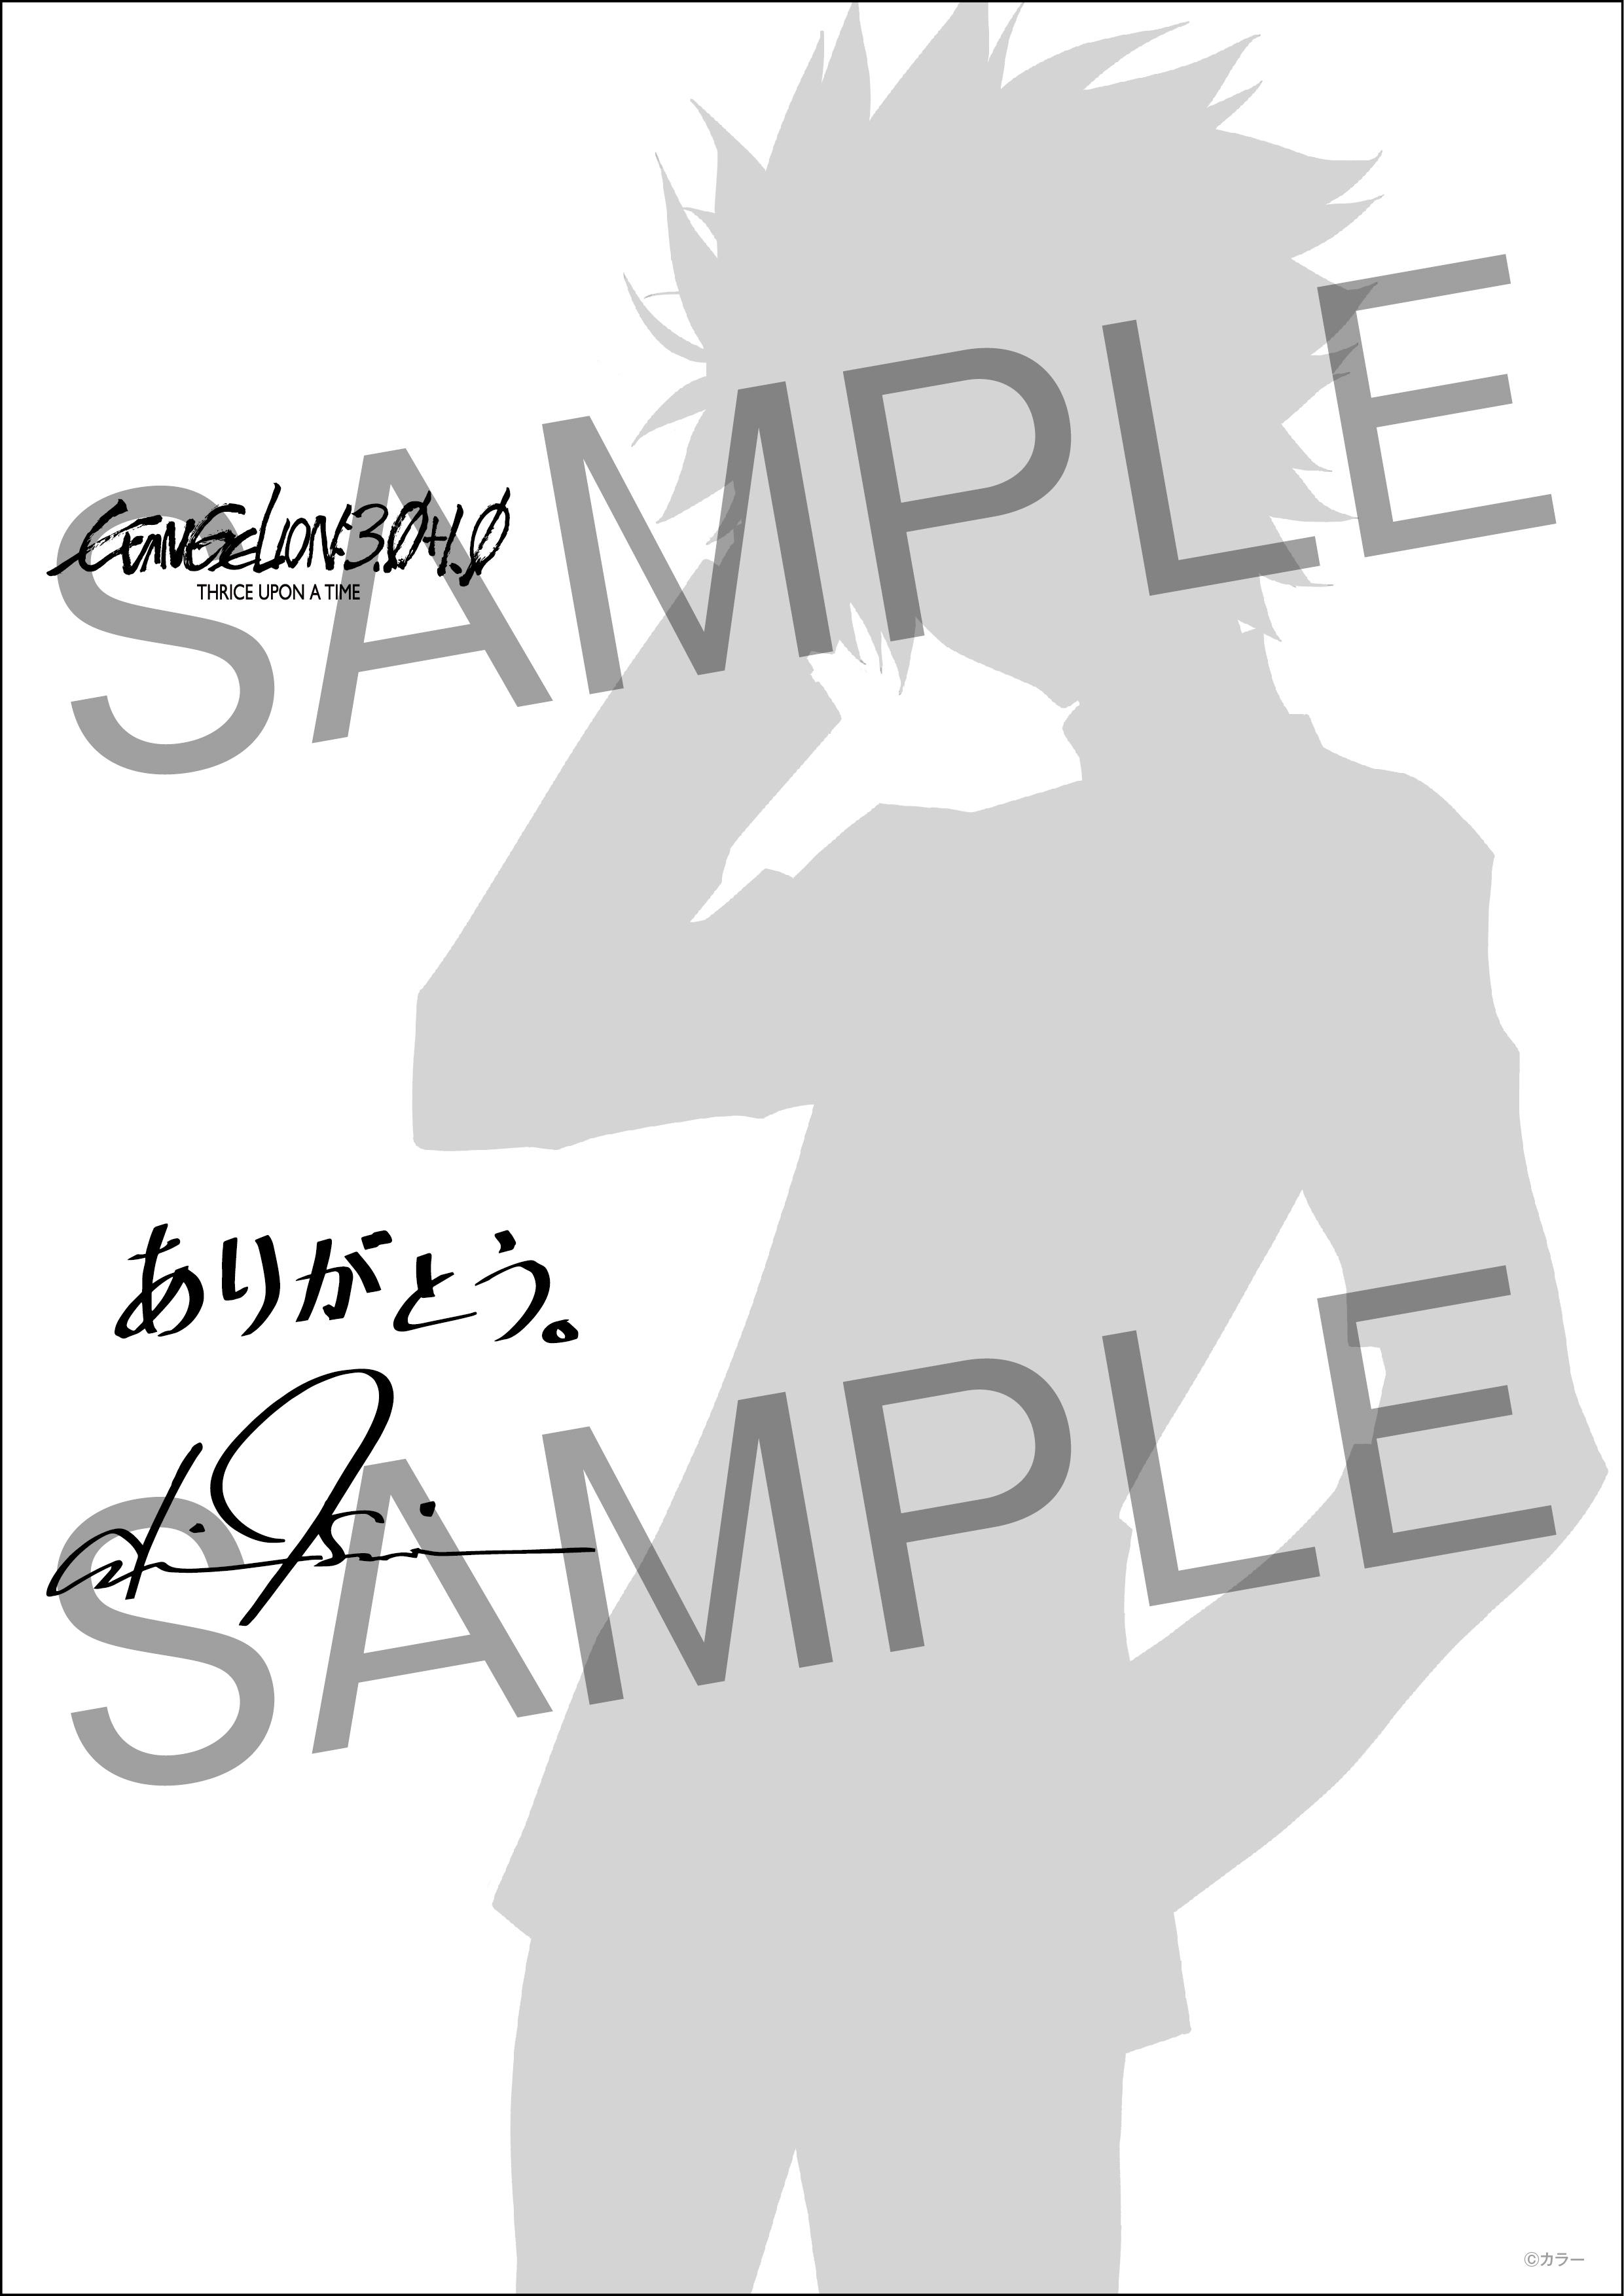 キャストサイン入りミニポスター「渚カヲル」バージョン <サンプル画像>  (C)カラー